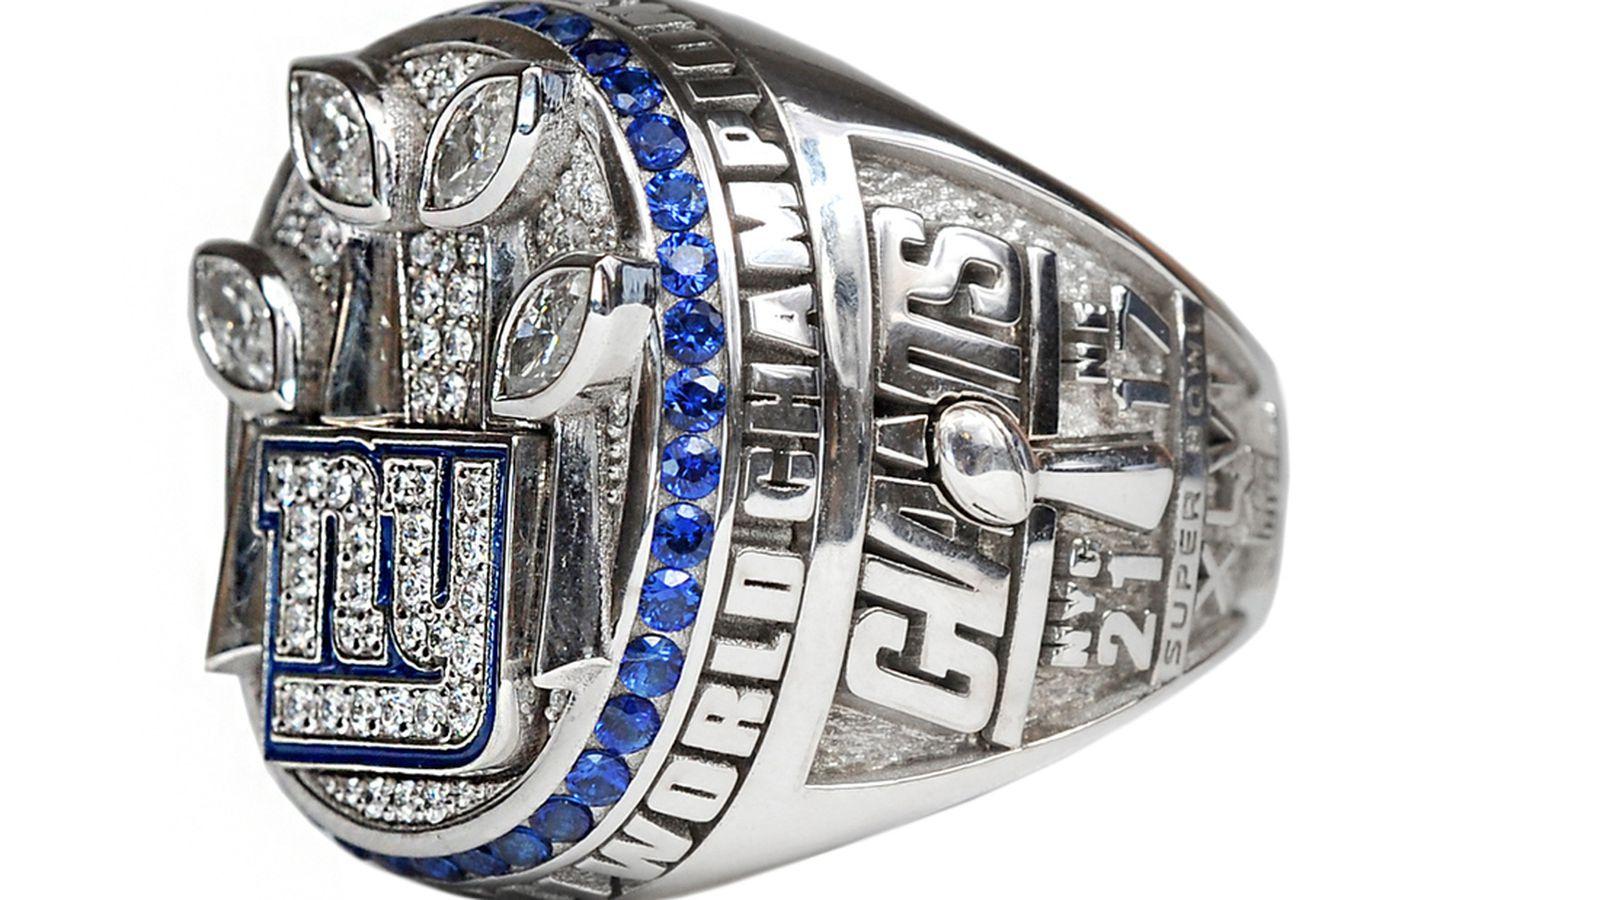 Ny Giants Championship Ring Ceremony